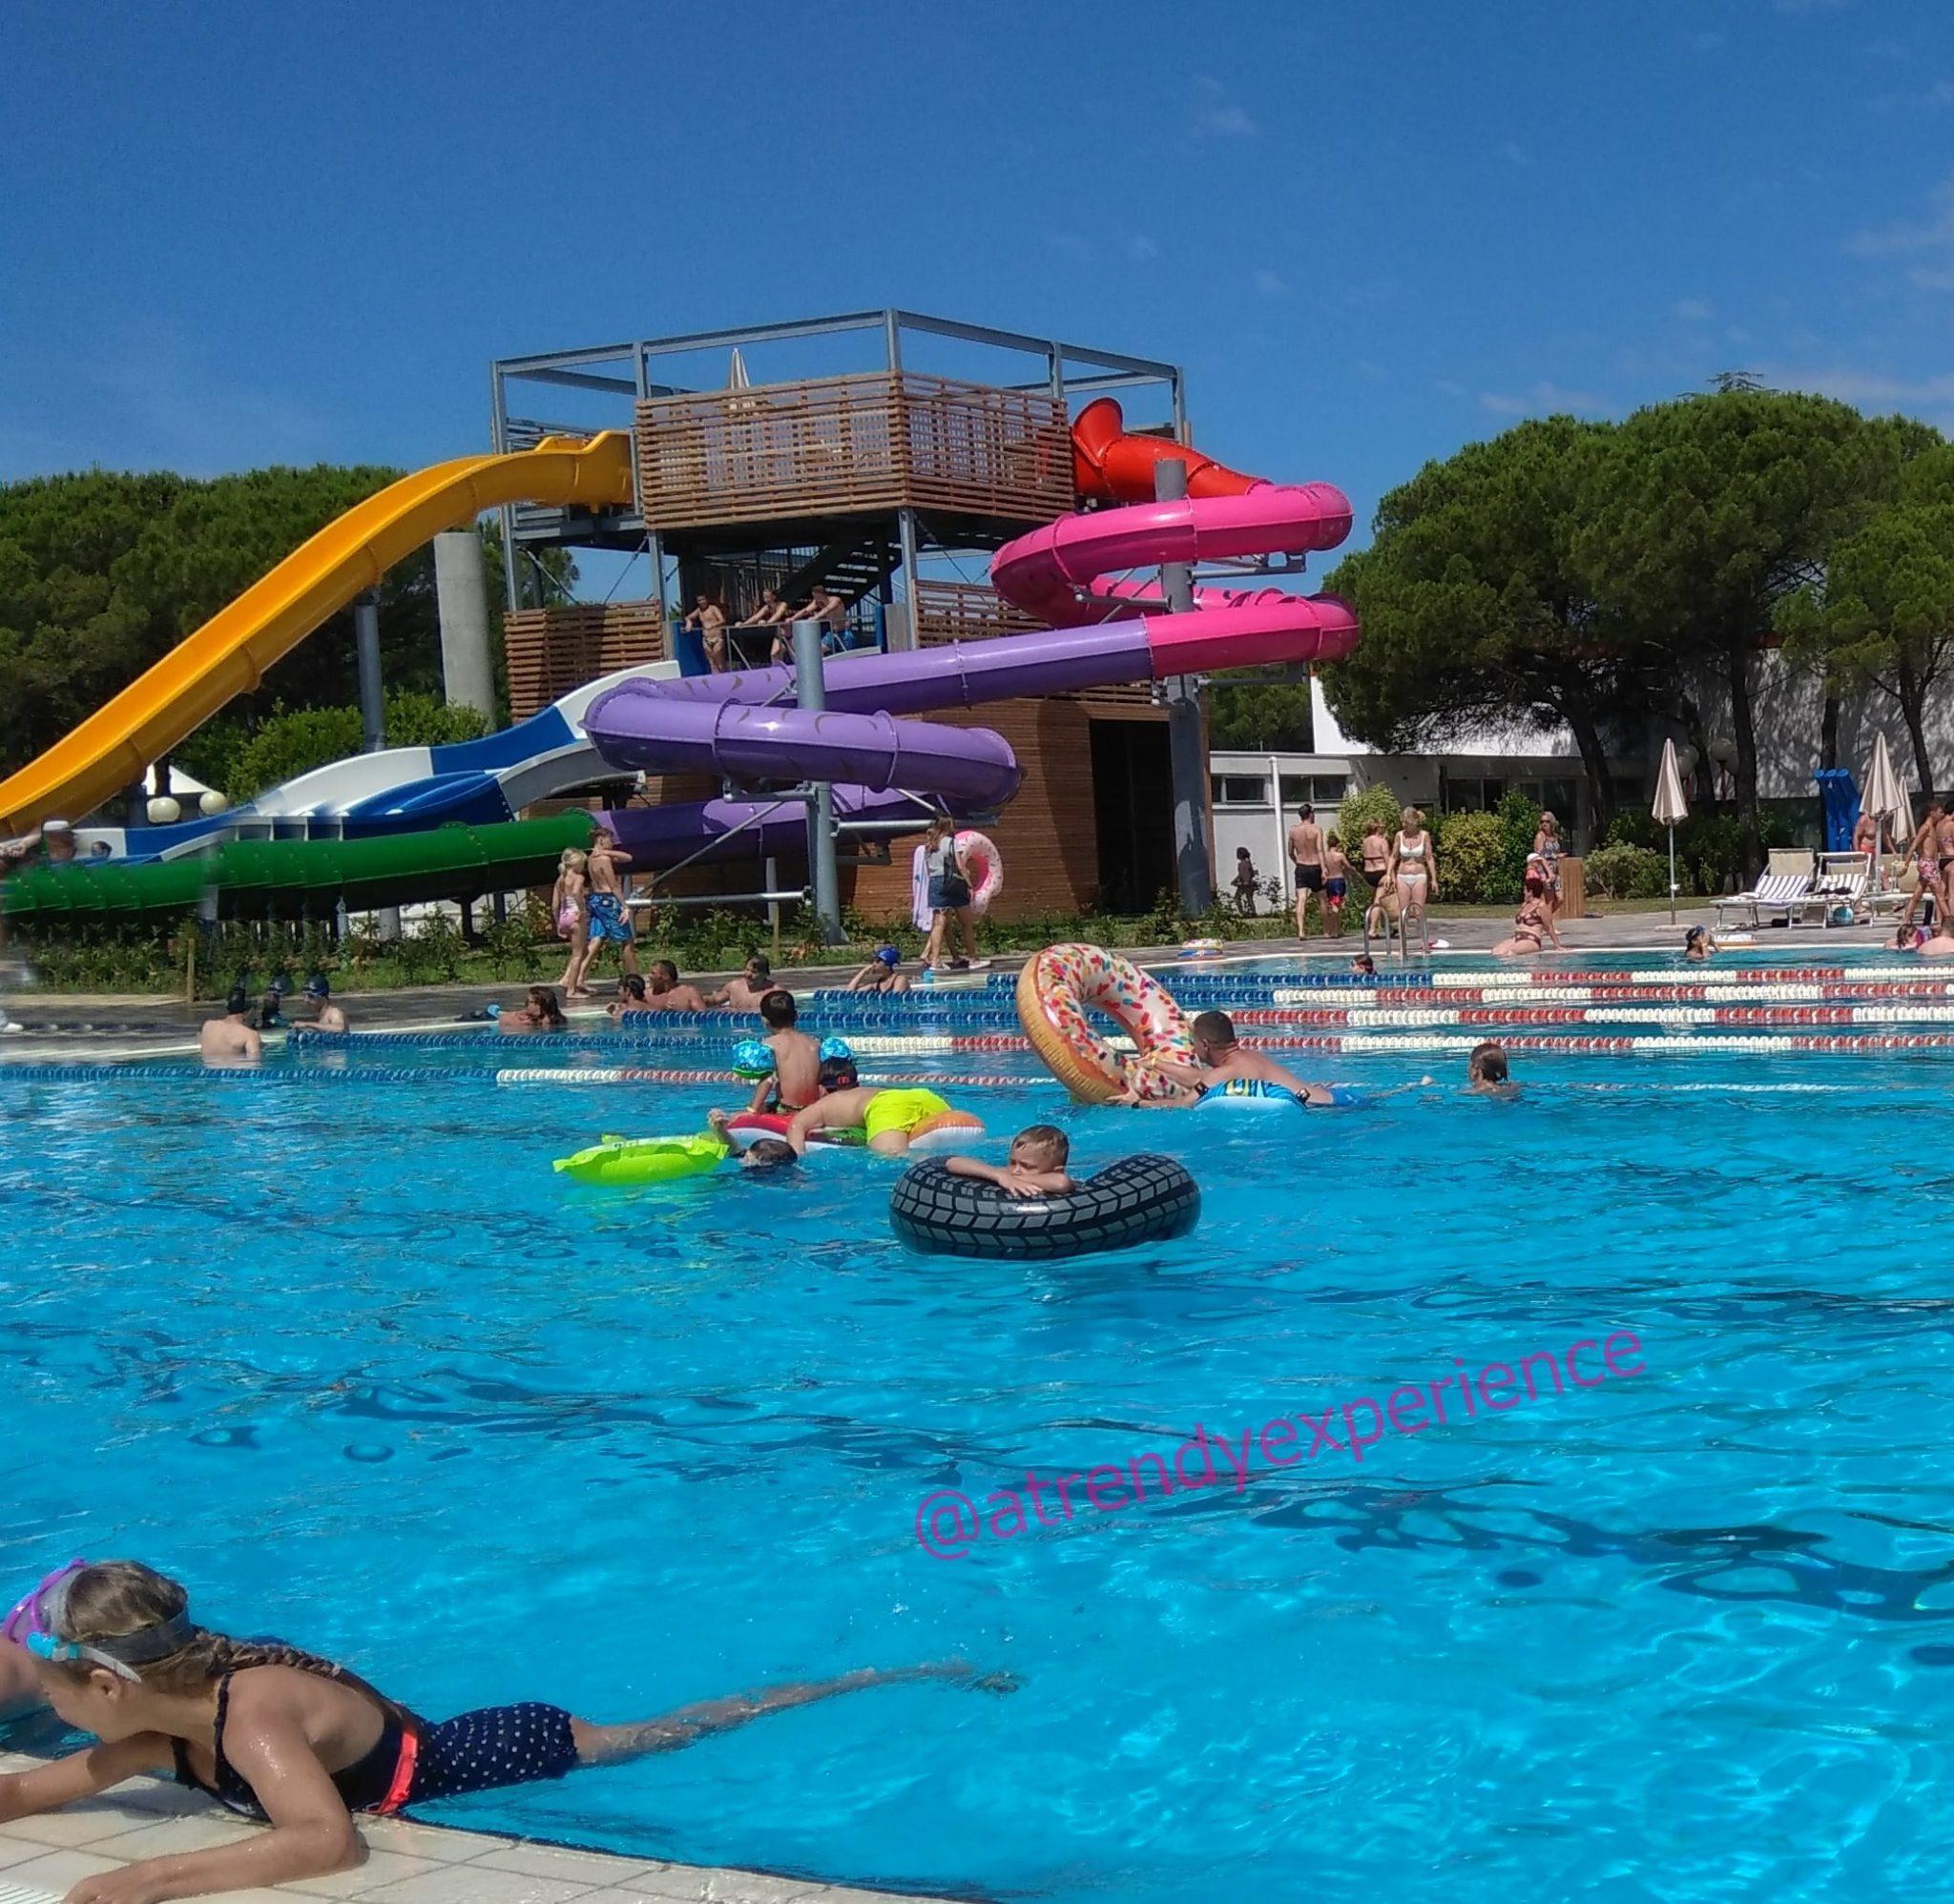 supporto galleggiante e salvagente per bambini e neonati